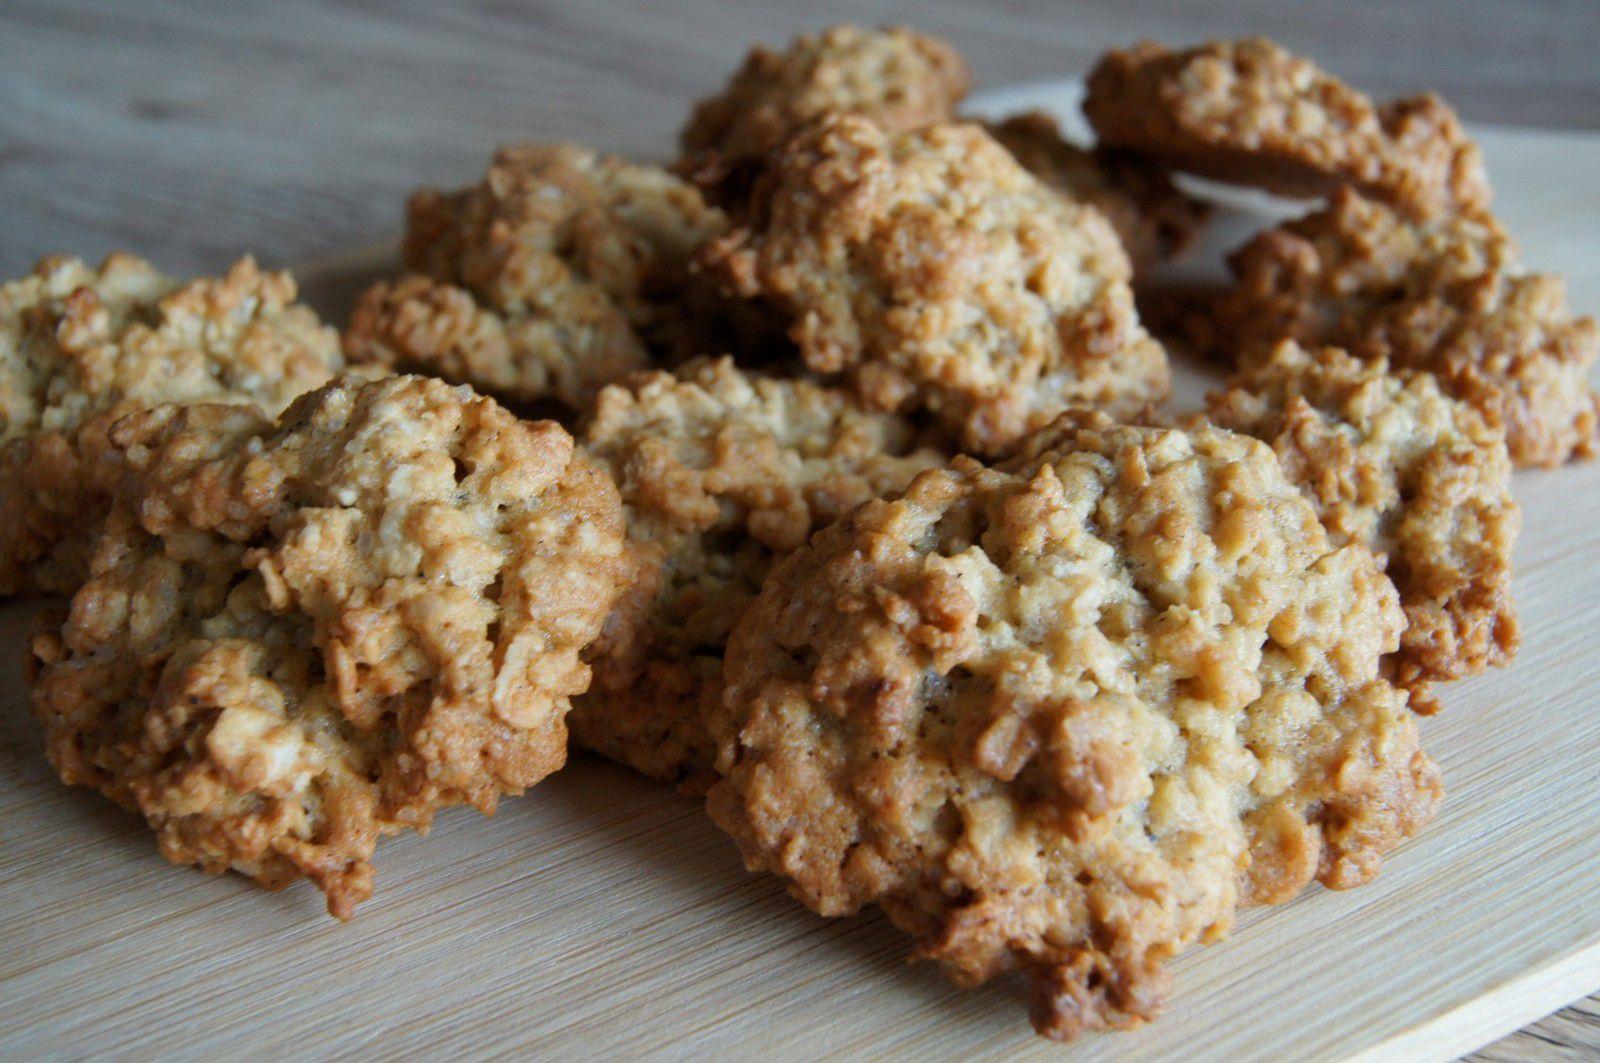 Petits biscuits gourmands aux flocons d'avoine